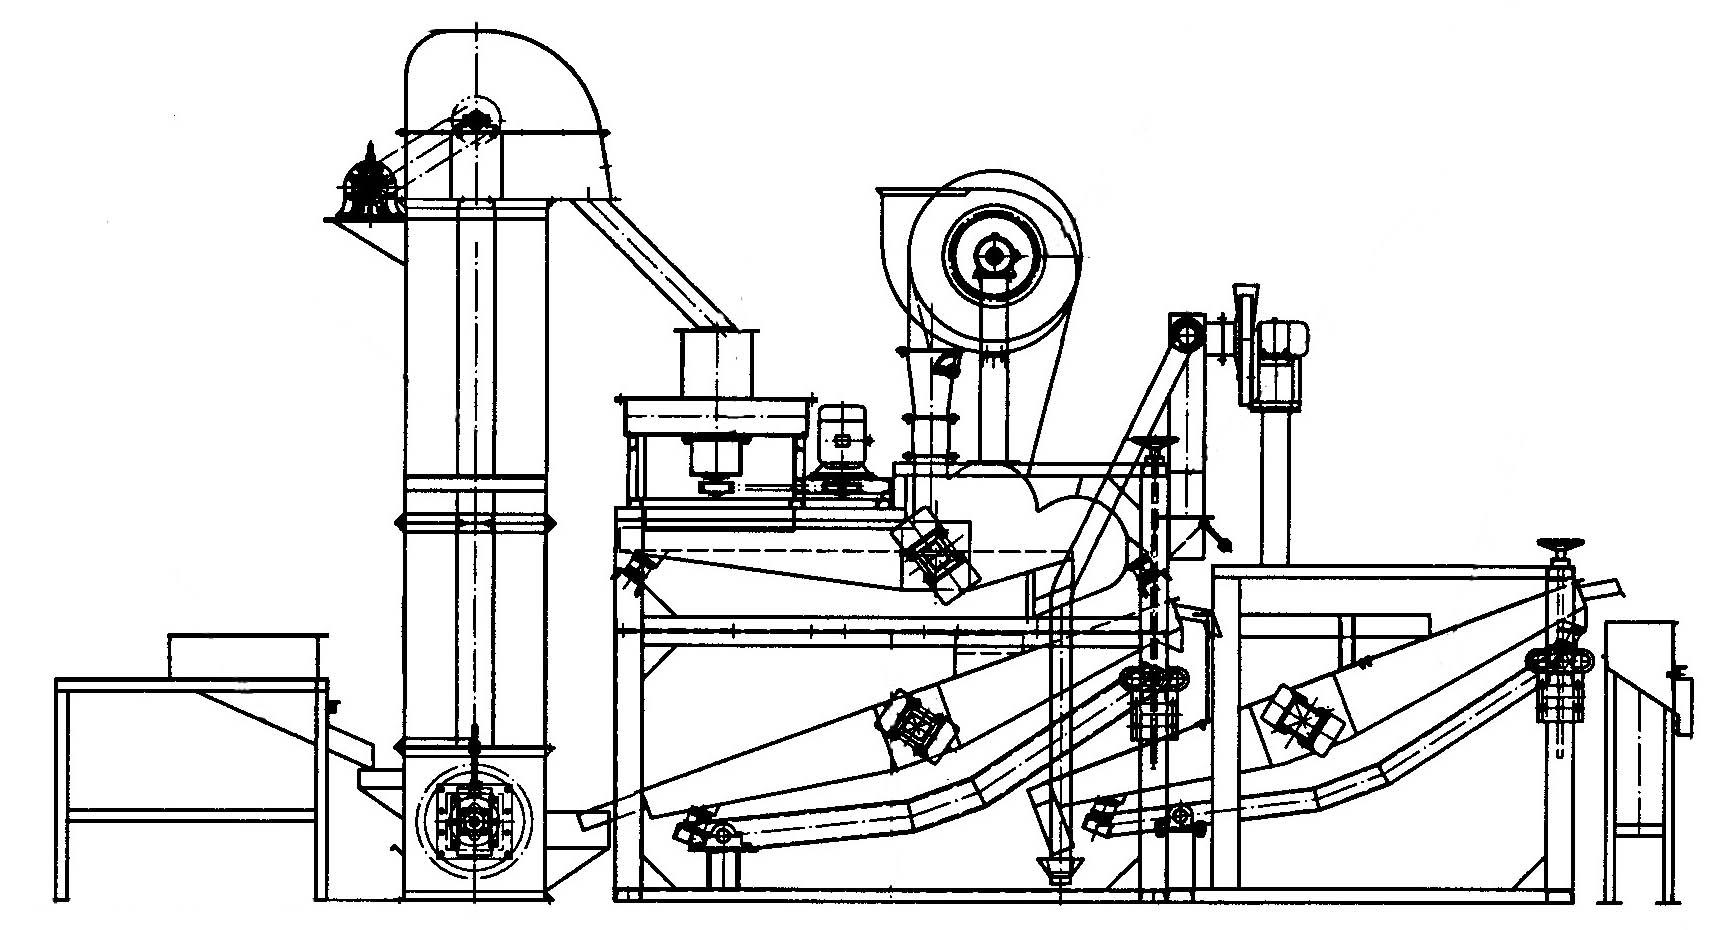 燕麦脱壳机械报价 燕麦脱壳机械生产厂家 燕麦脱壳机械供应商